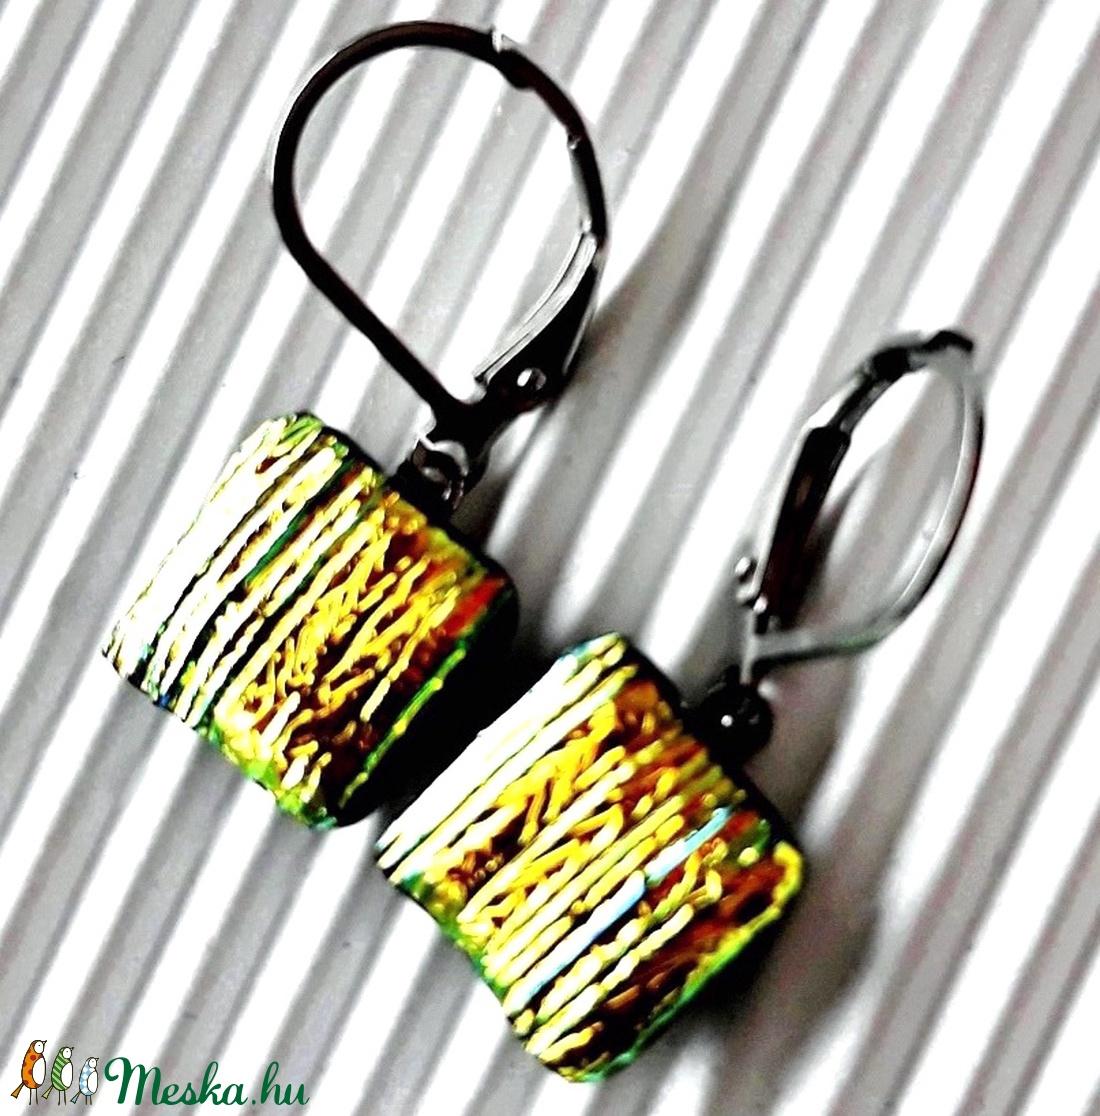 Orvosi fém, francia kapcsos alapon aranyszárnyú szentjánosbogár dichroic üveg fülbevaló, üvegékszer - ékszer - fülbevaló - lógó fülbevaló - Meska.hu